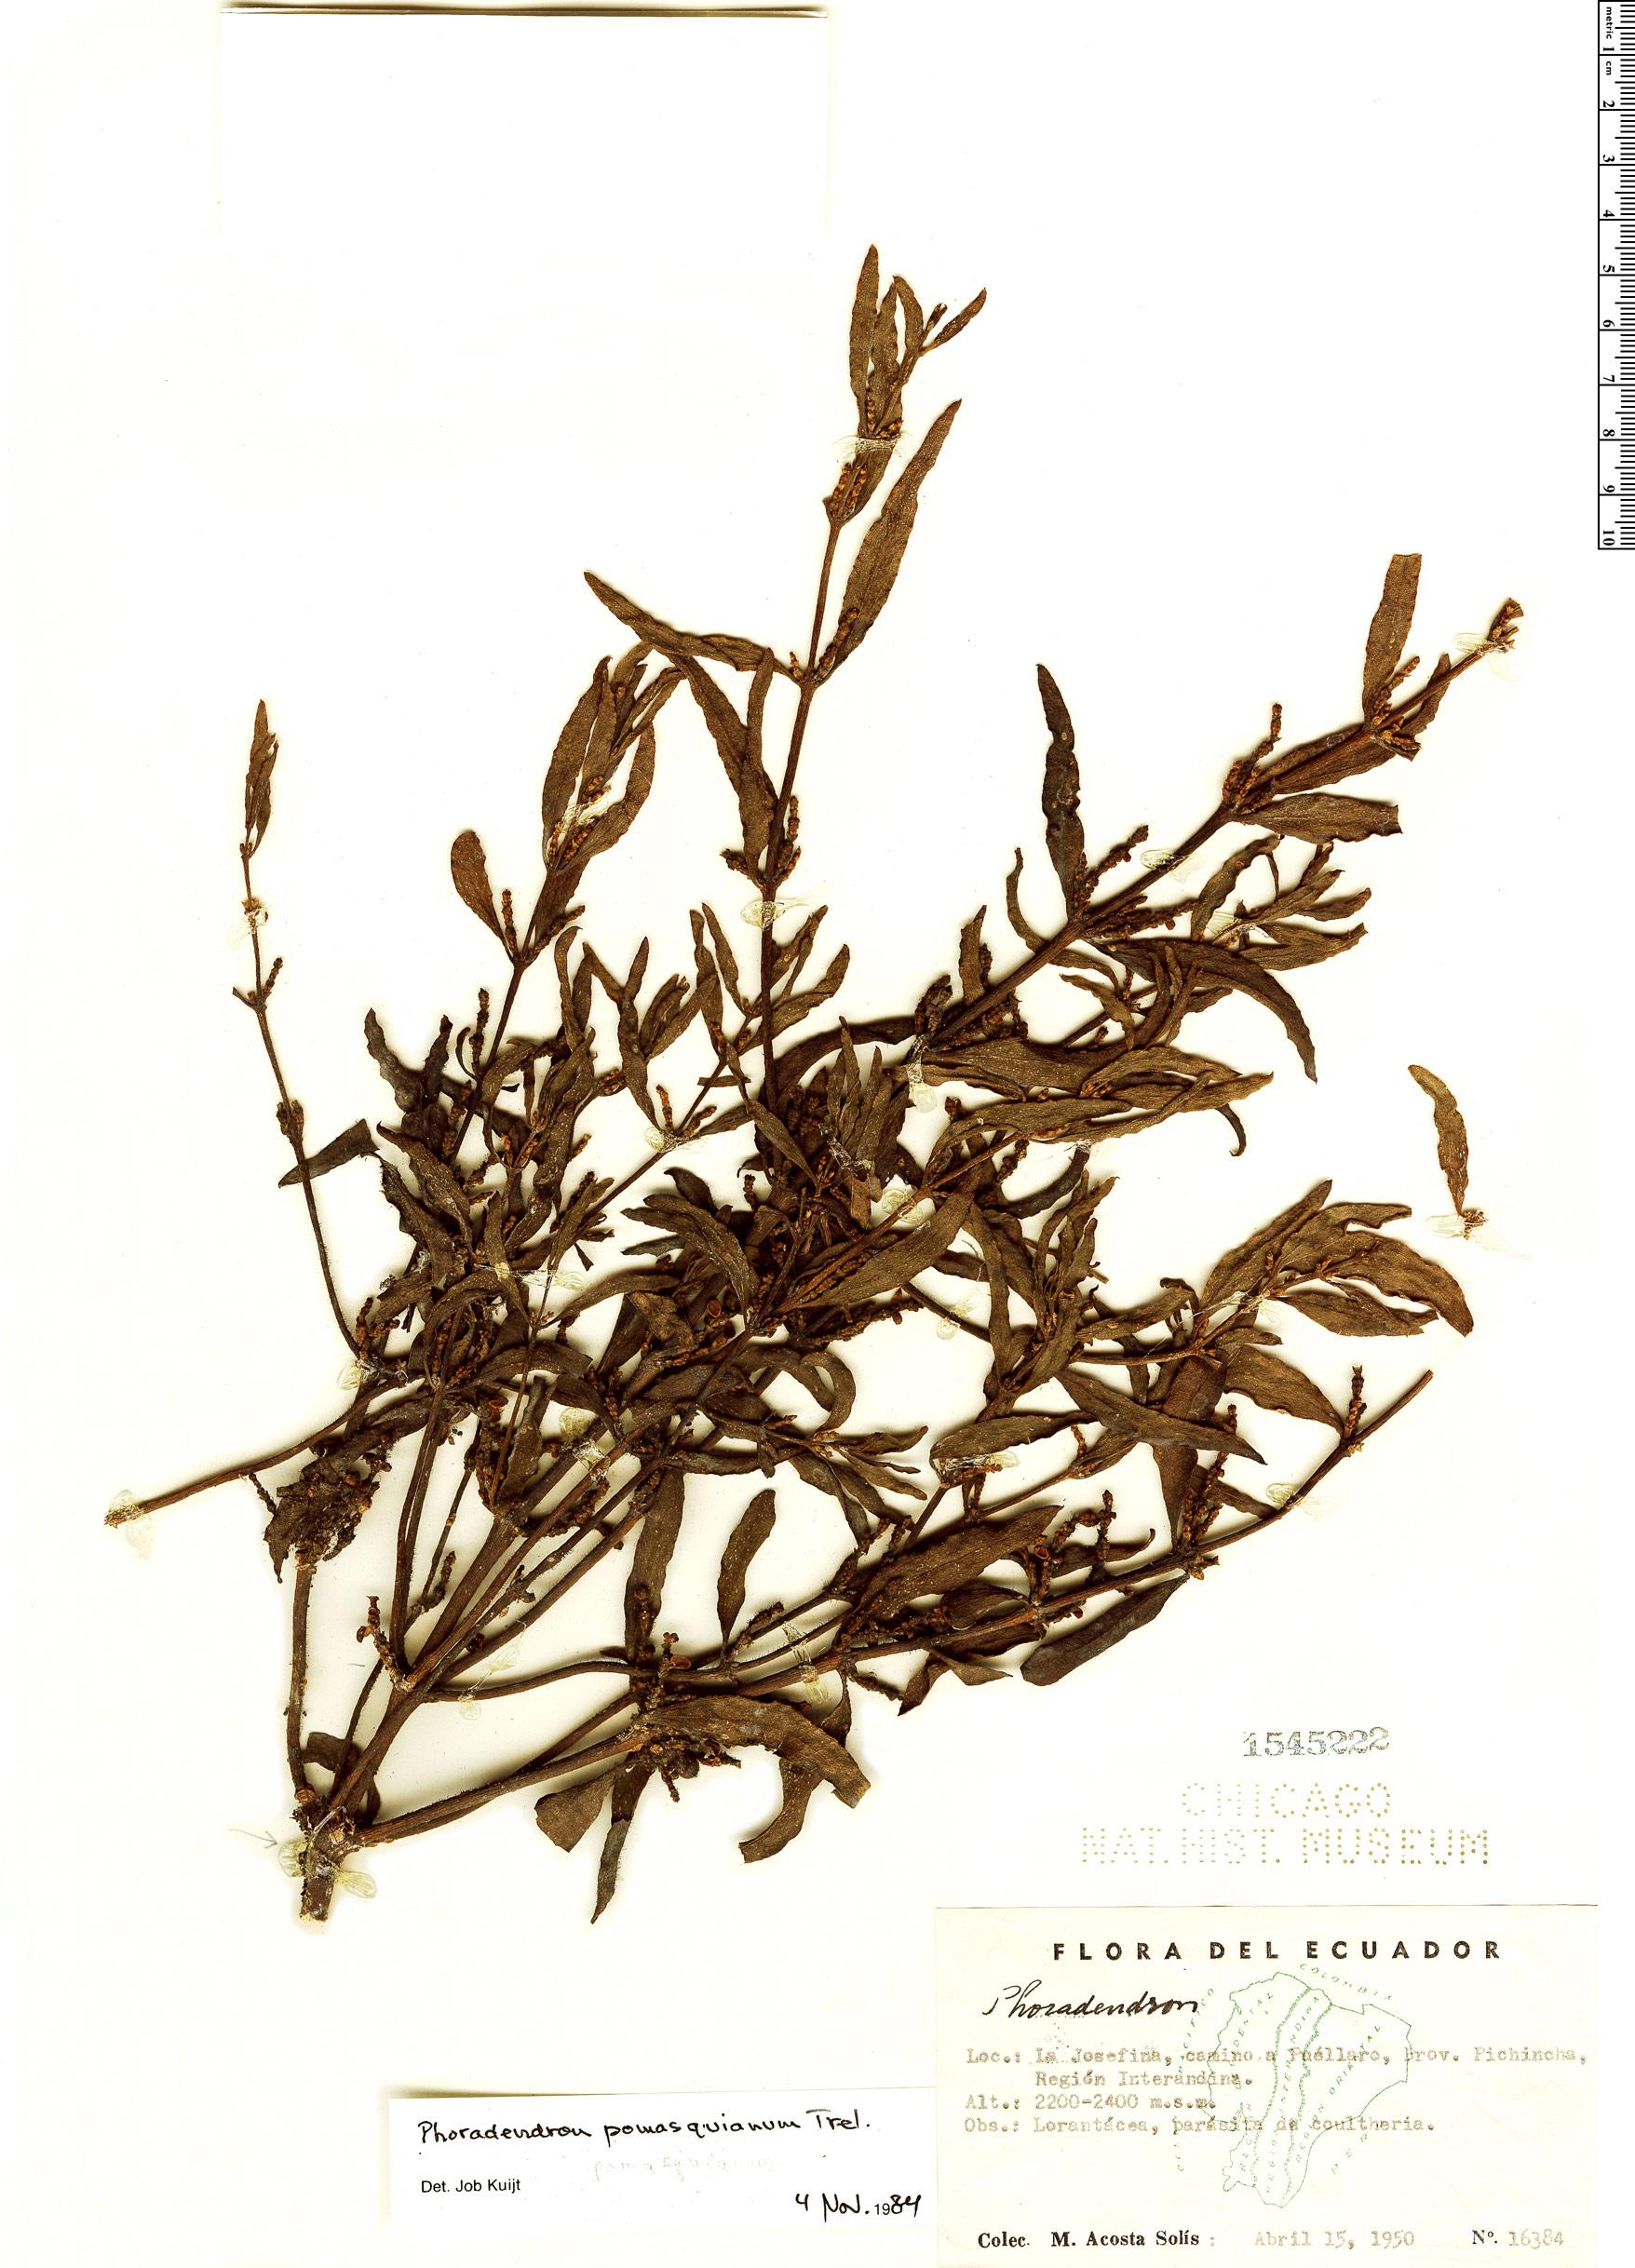 Specimen: Phoradendron pomasquianum